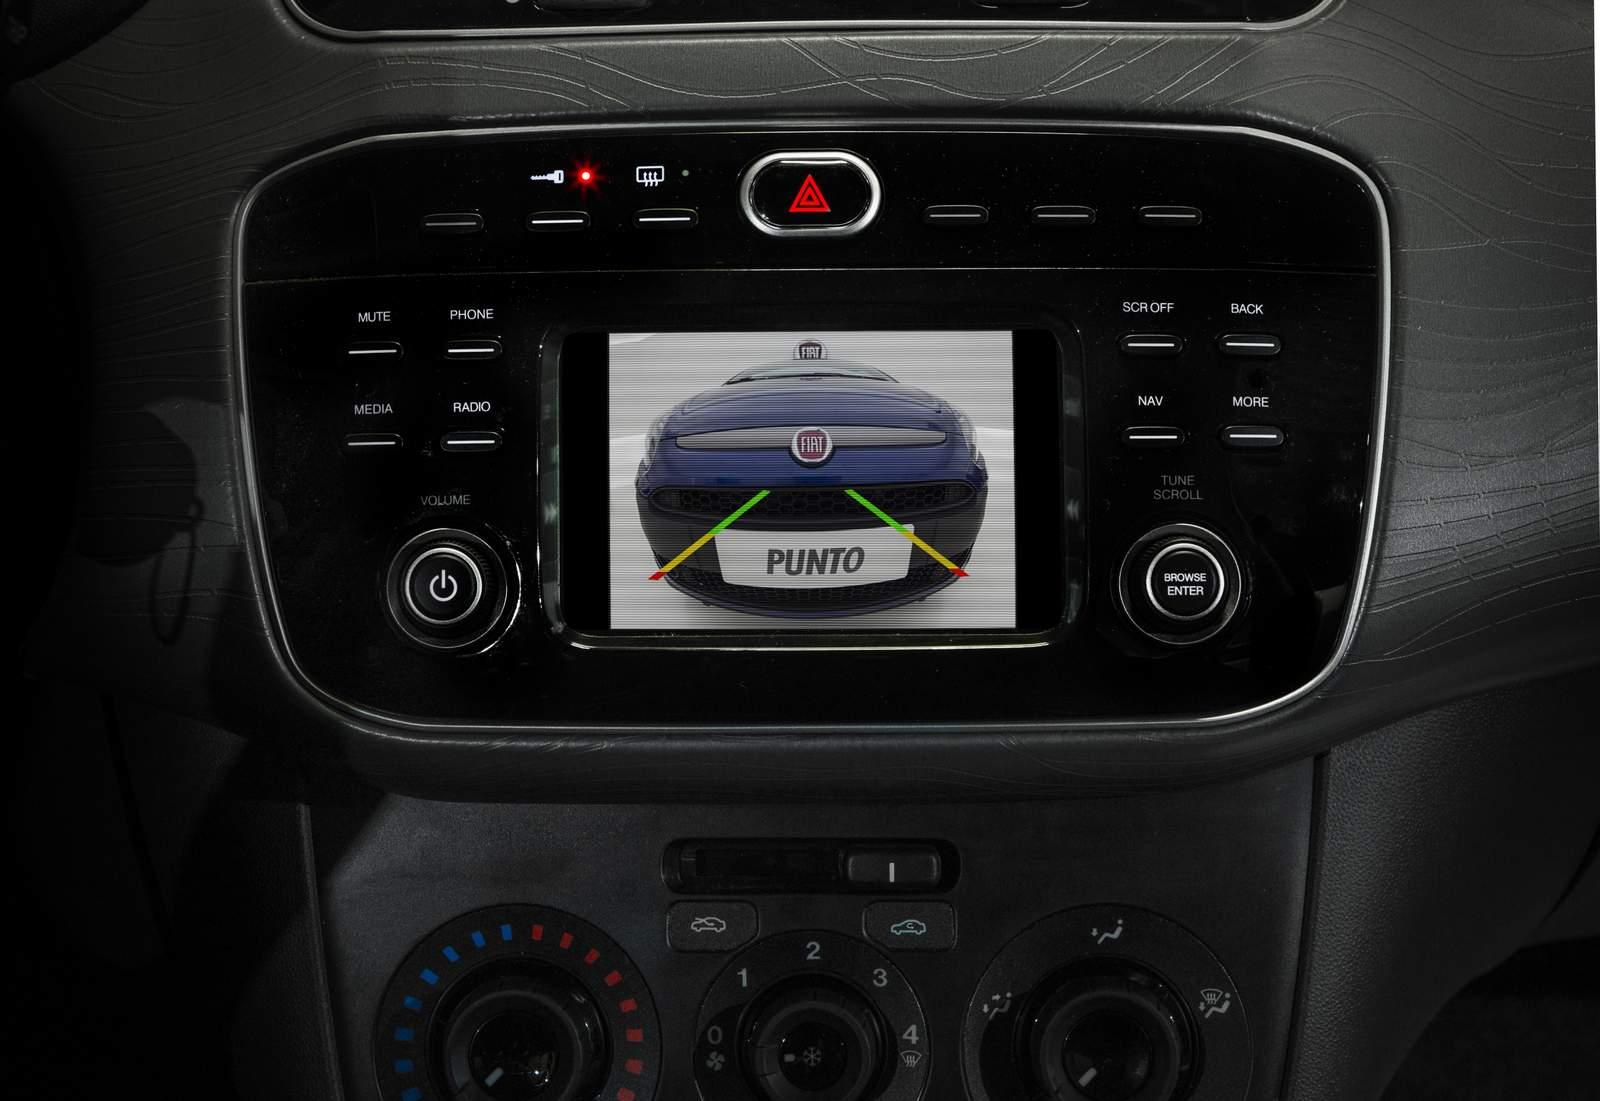 Fiat Punto 2016 - Central Multimídia